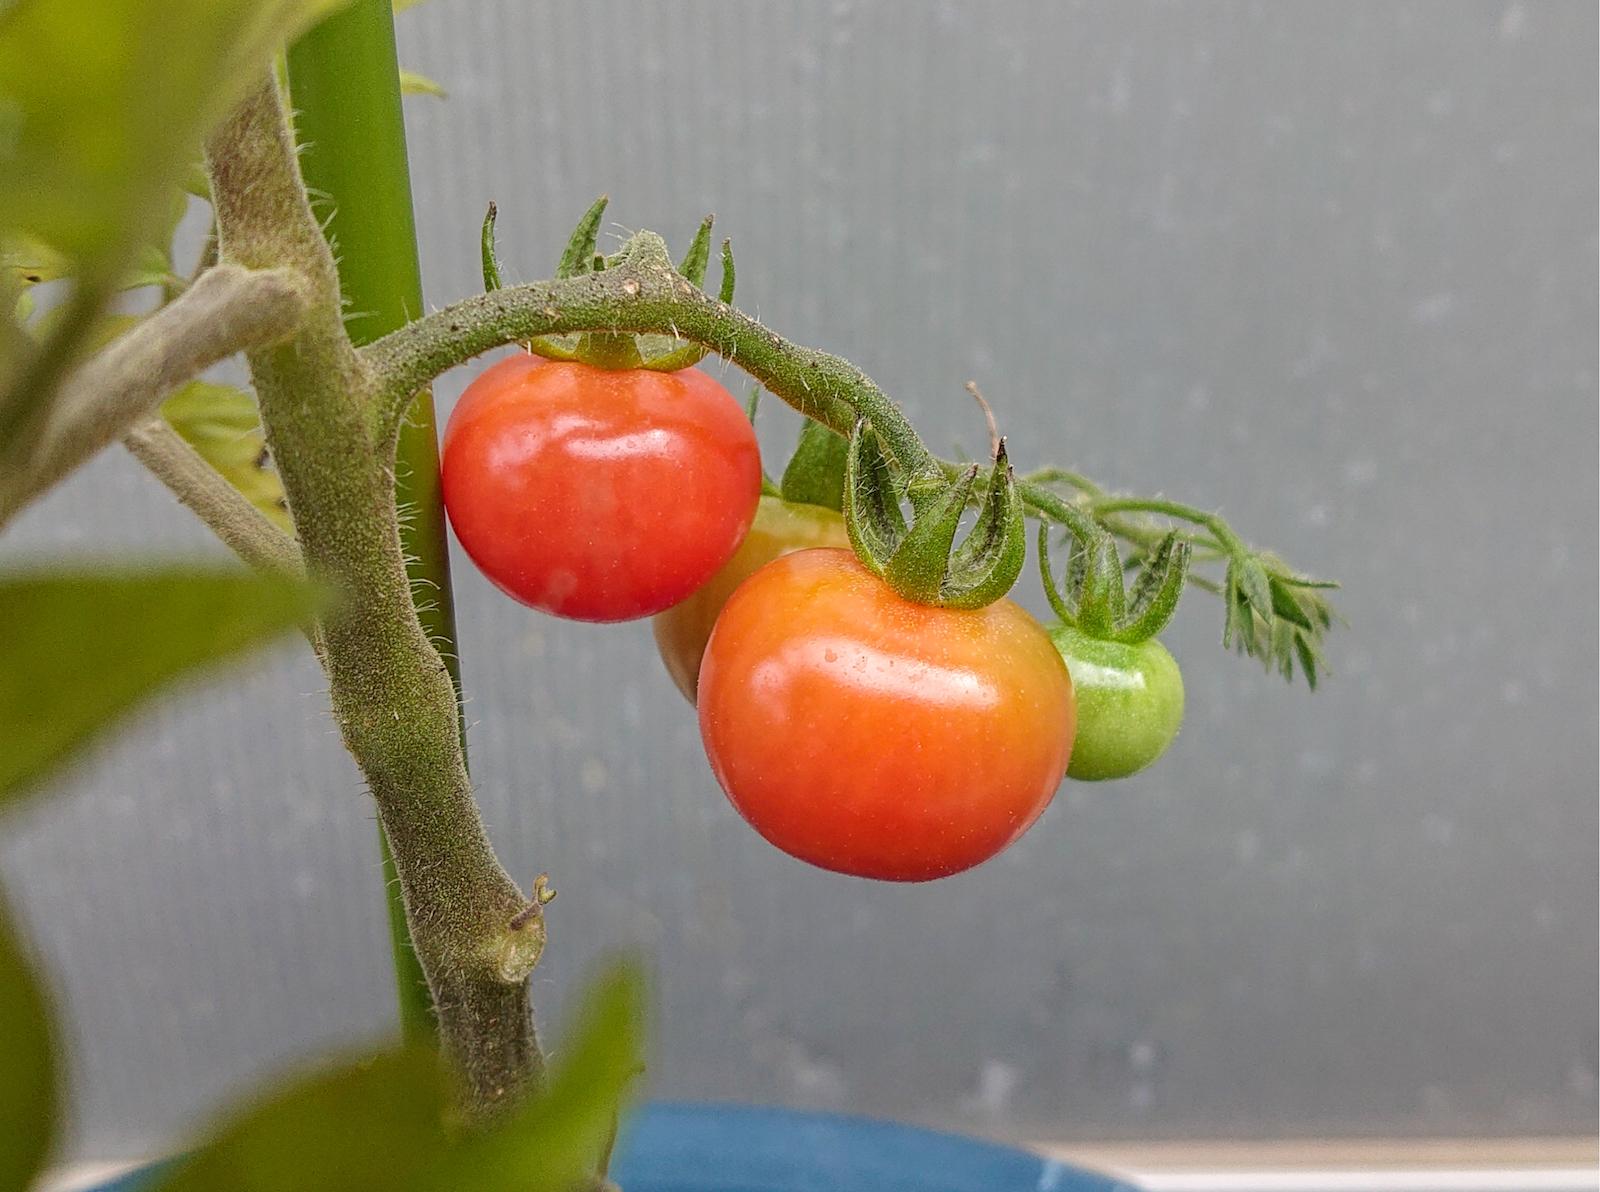 トマトは茎から近い方から順に赤く熟していきます